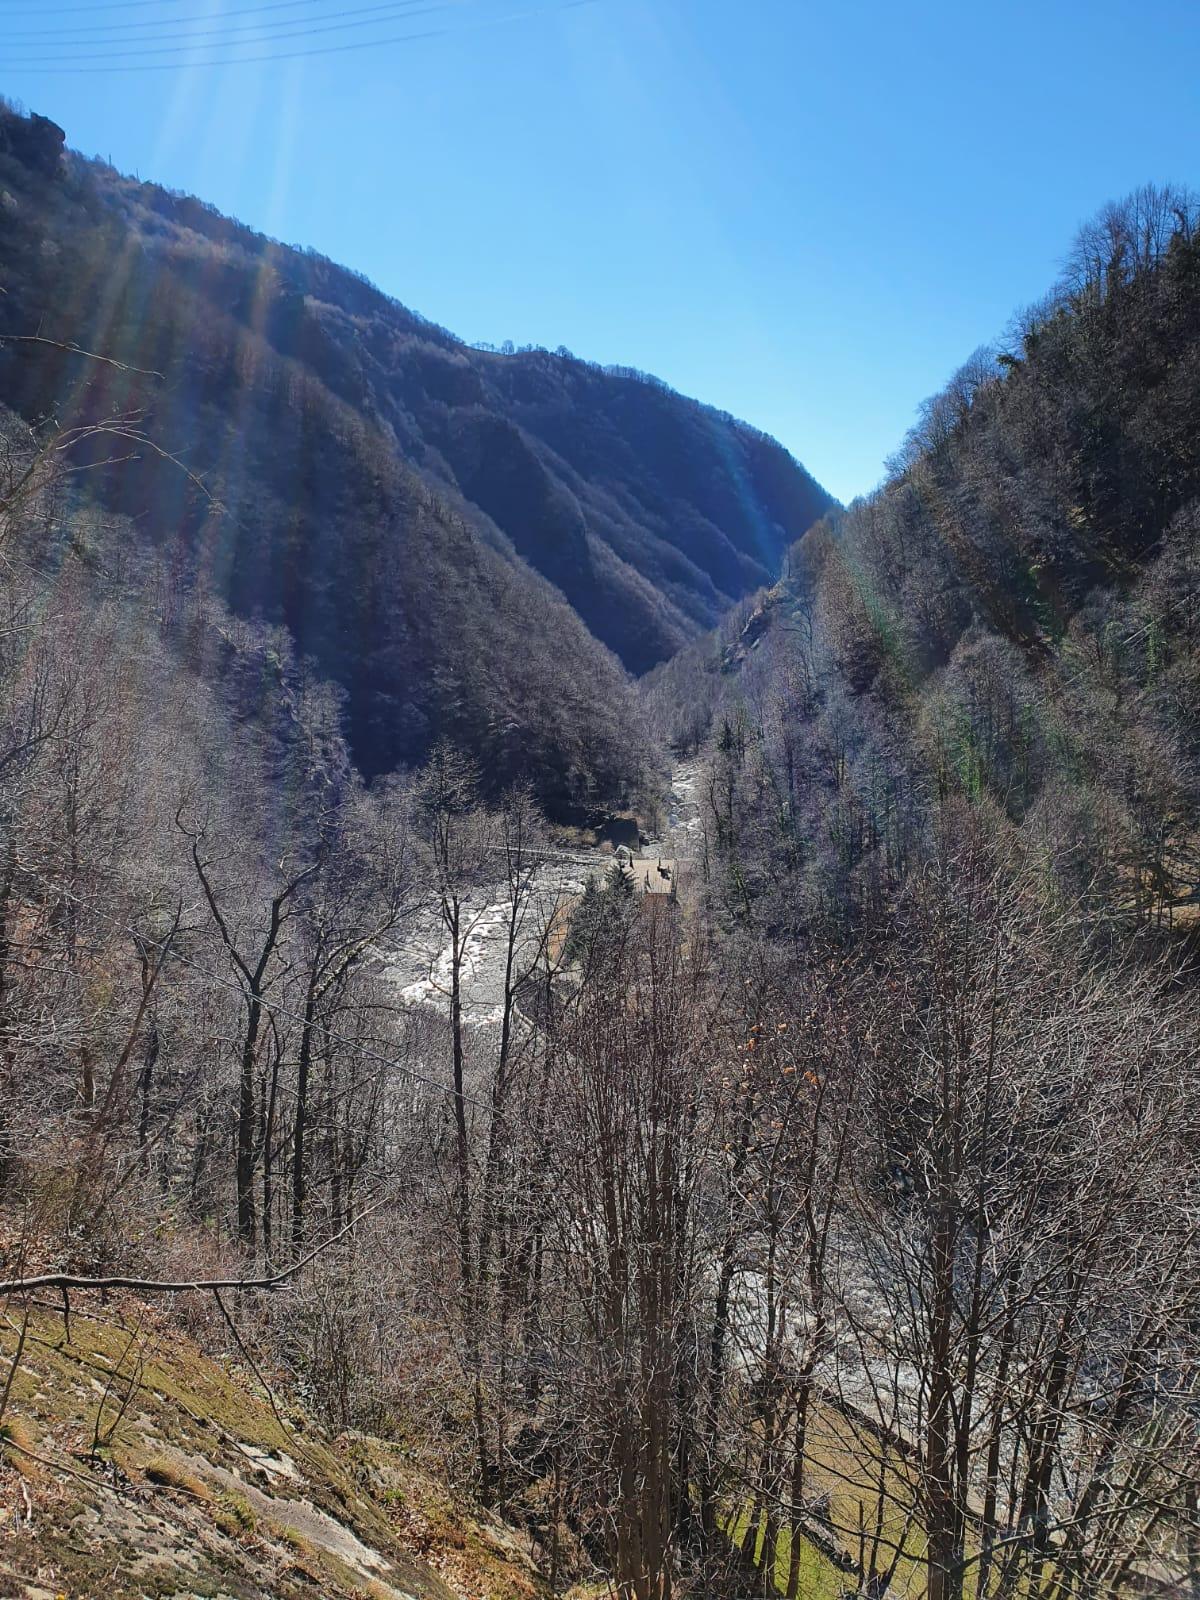 """soana Piemonte - Dal Canavese un Sì convinto al progetto di bacino idrico in Valle Soana: """"Riportiamo ricchezza nelle nostre acque attraverso un'opportunità unica"""" 15/04/2021"""